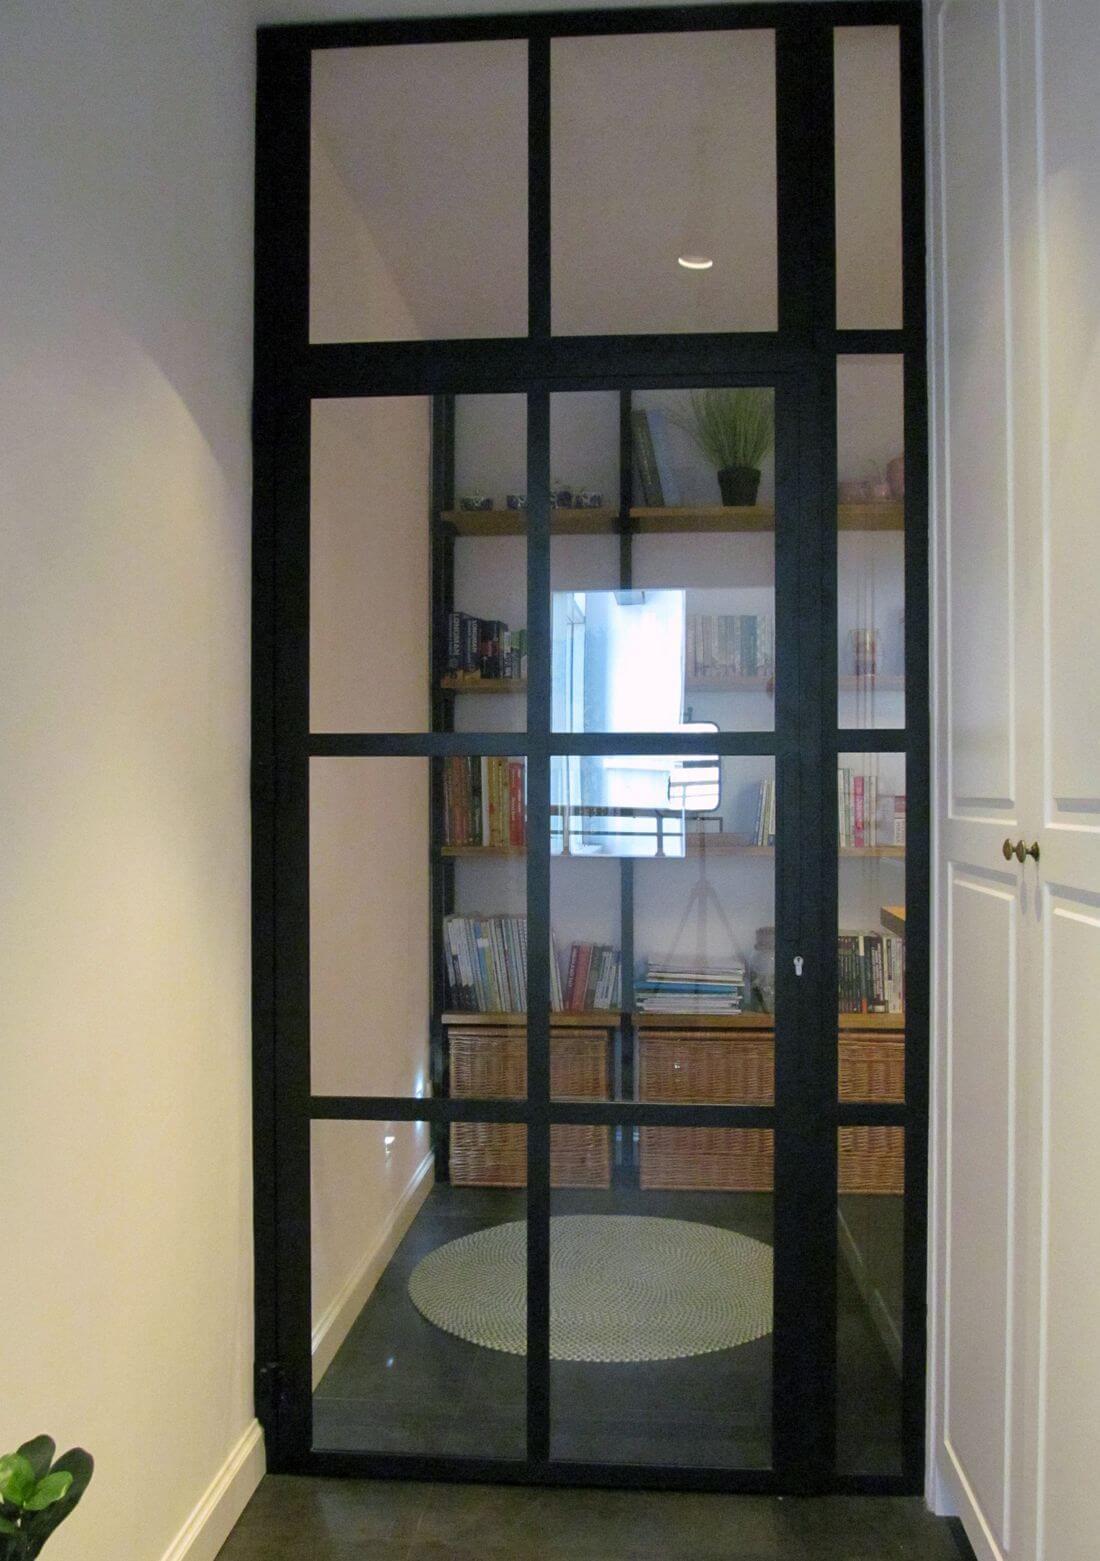 Drzwi Loftowe wraz ze świetlikiem i przeszkloną framugą z czarnej stali konstrukcyjnej i bezpiecznego szkła 33.1